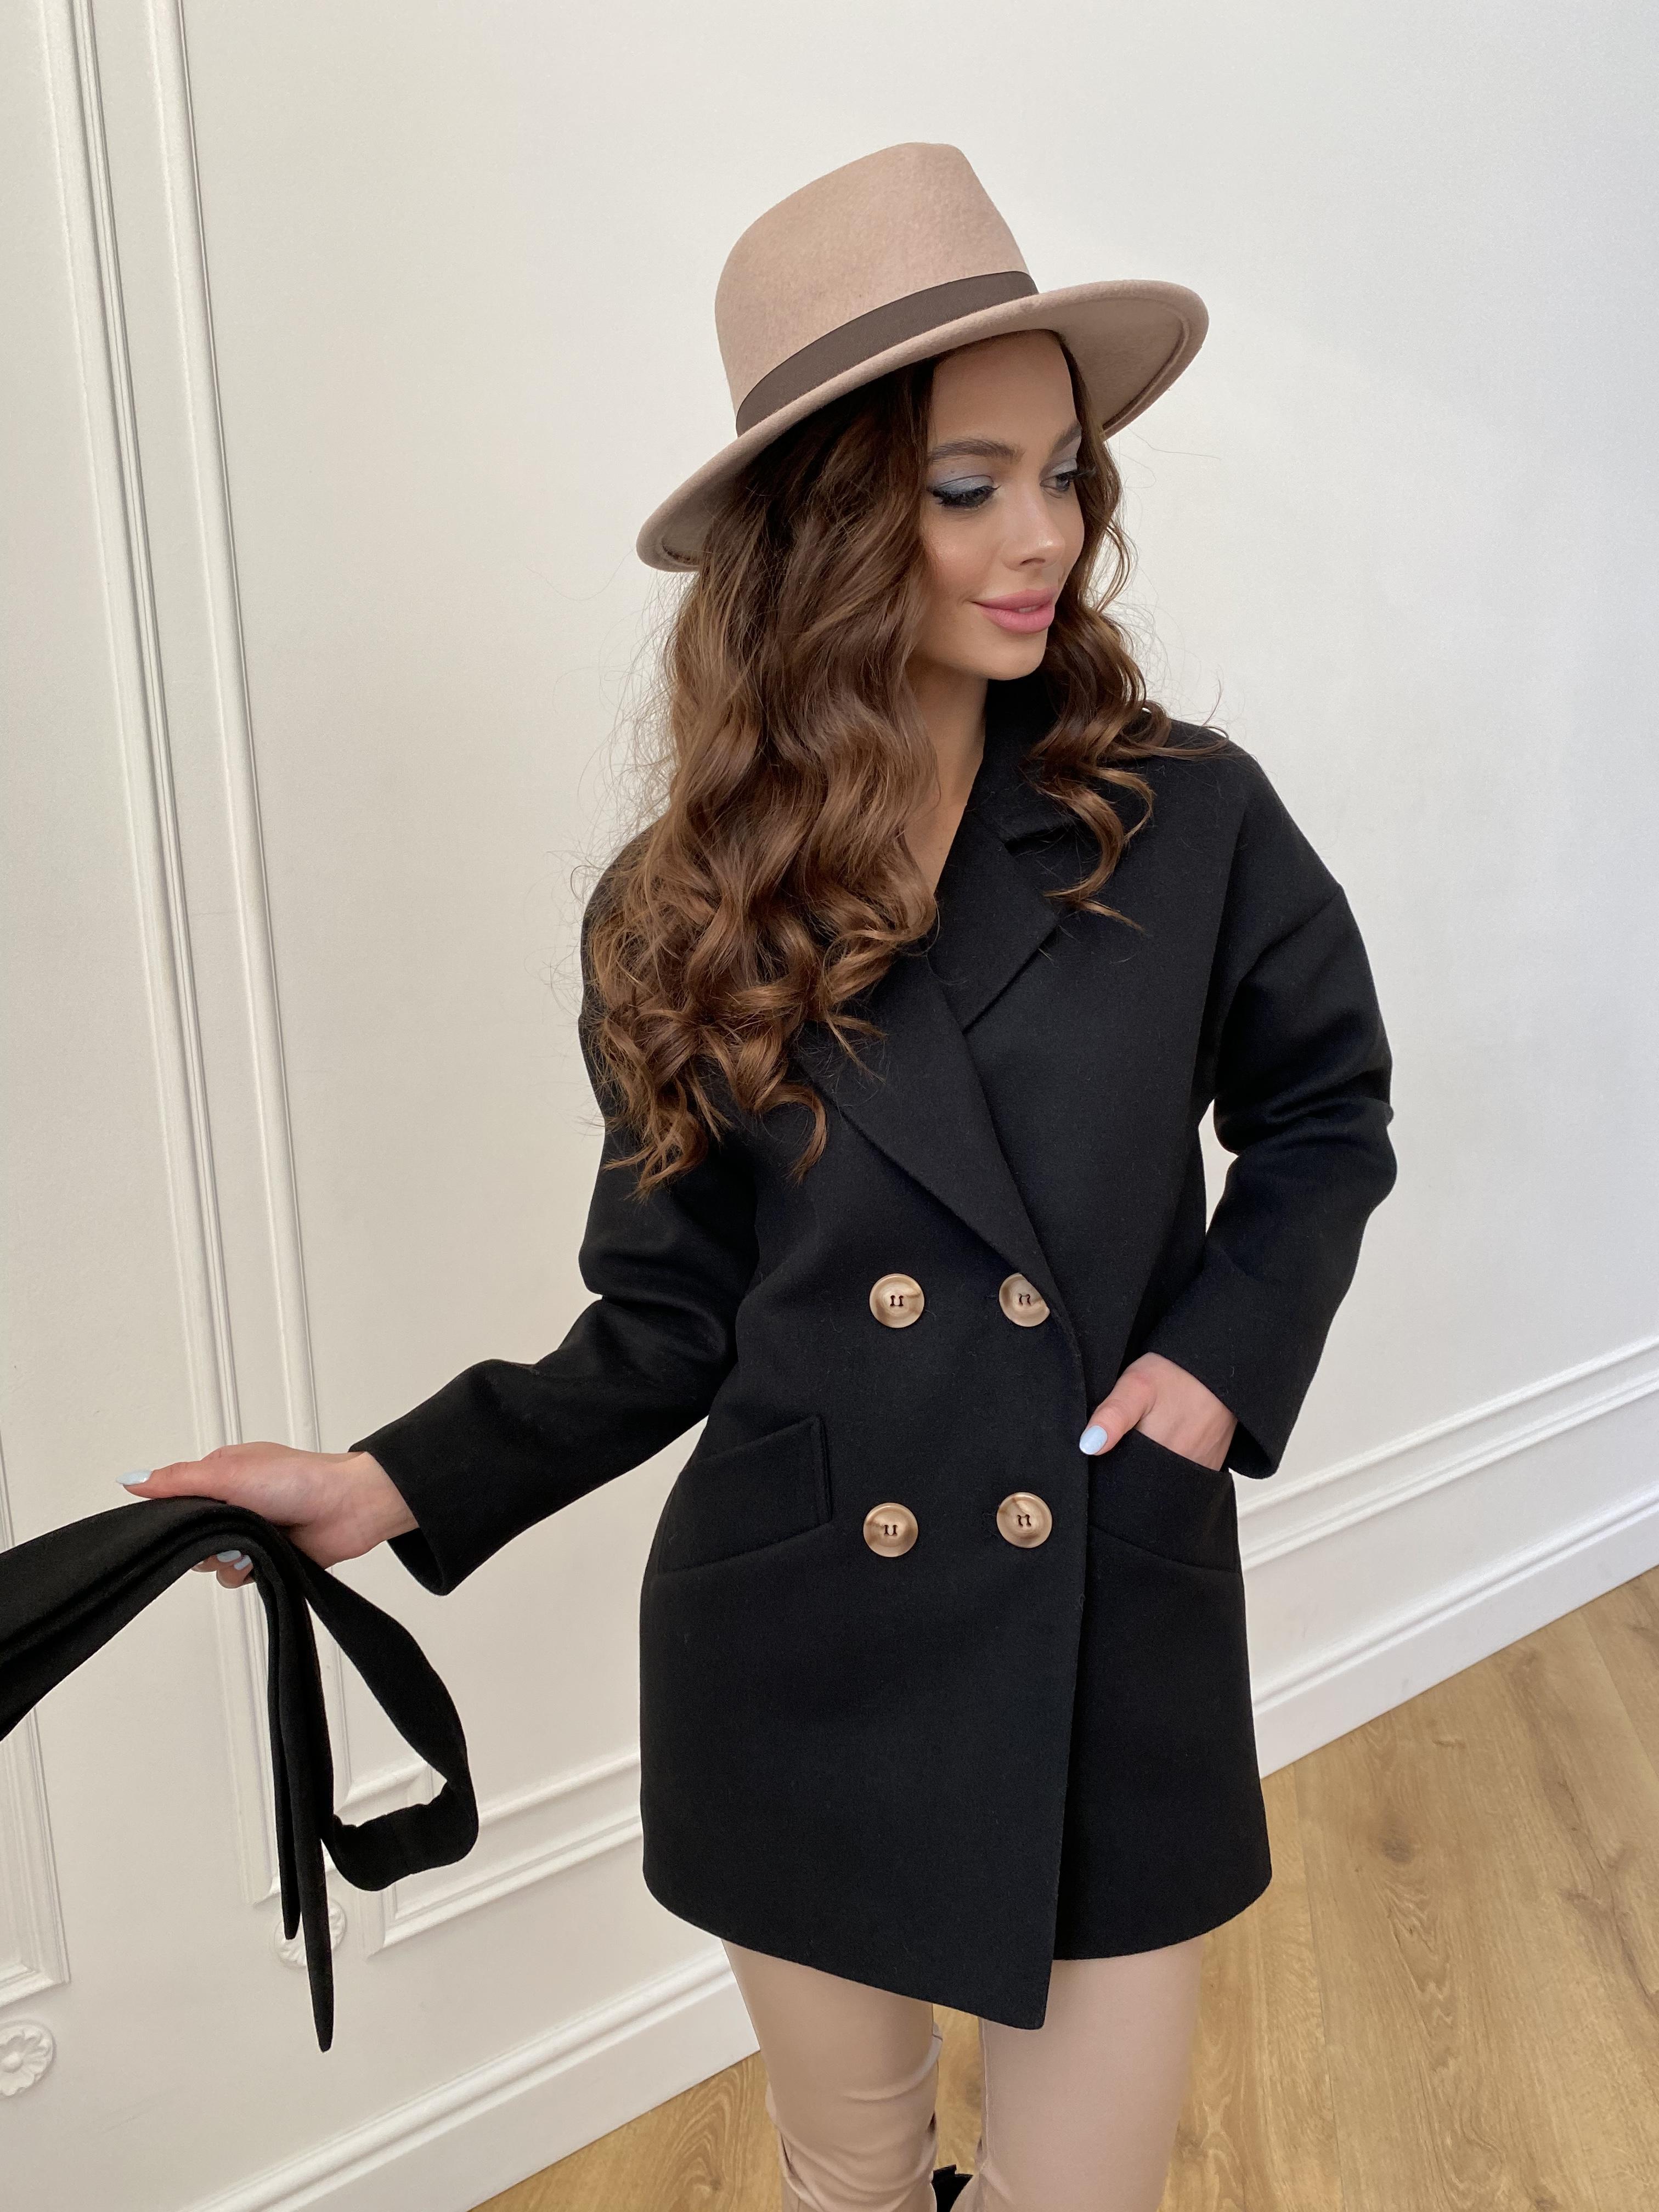 Демисезонное женское пальто от Modus Бонд пальто из гладкого кашемира 10900